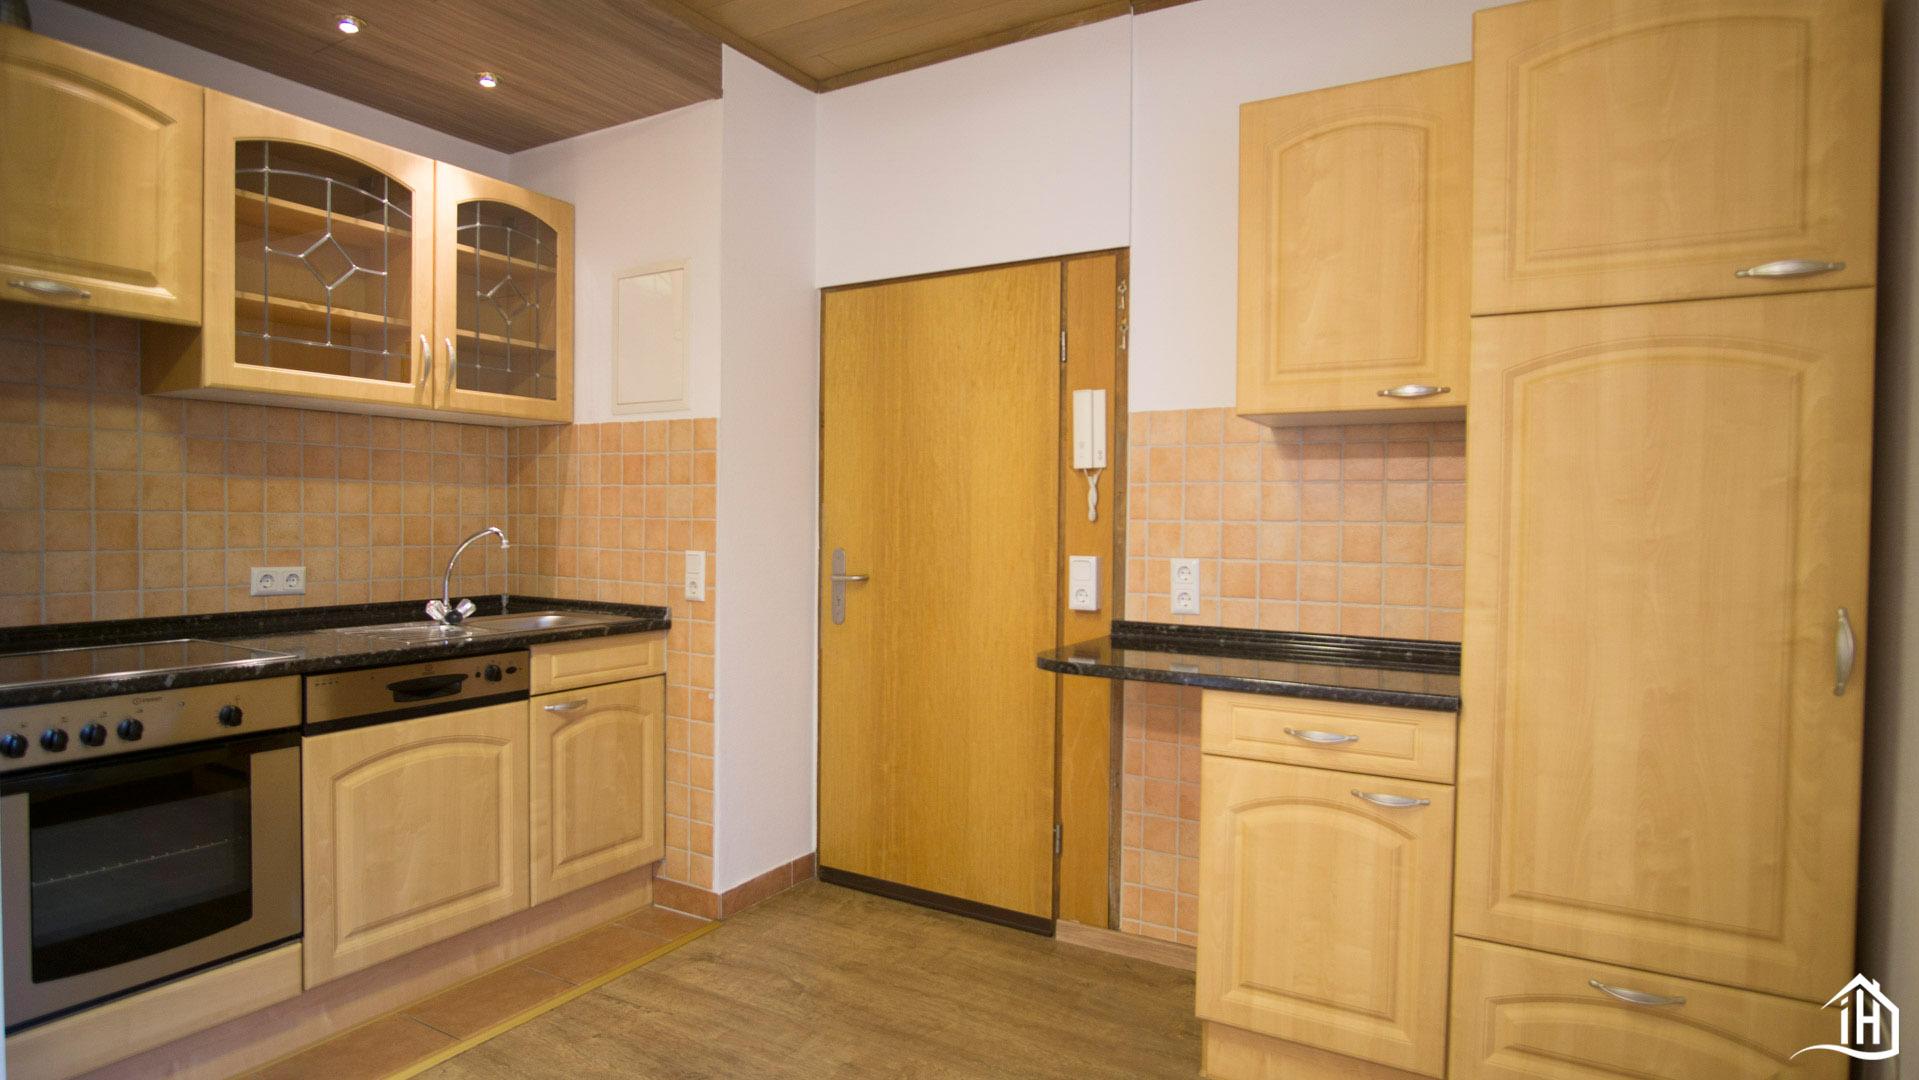 Immobilien Hahnefeld 114834532 Küche Eingangsbereich